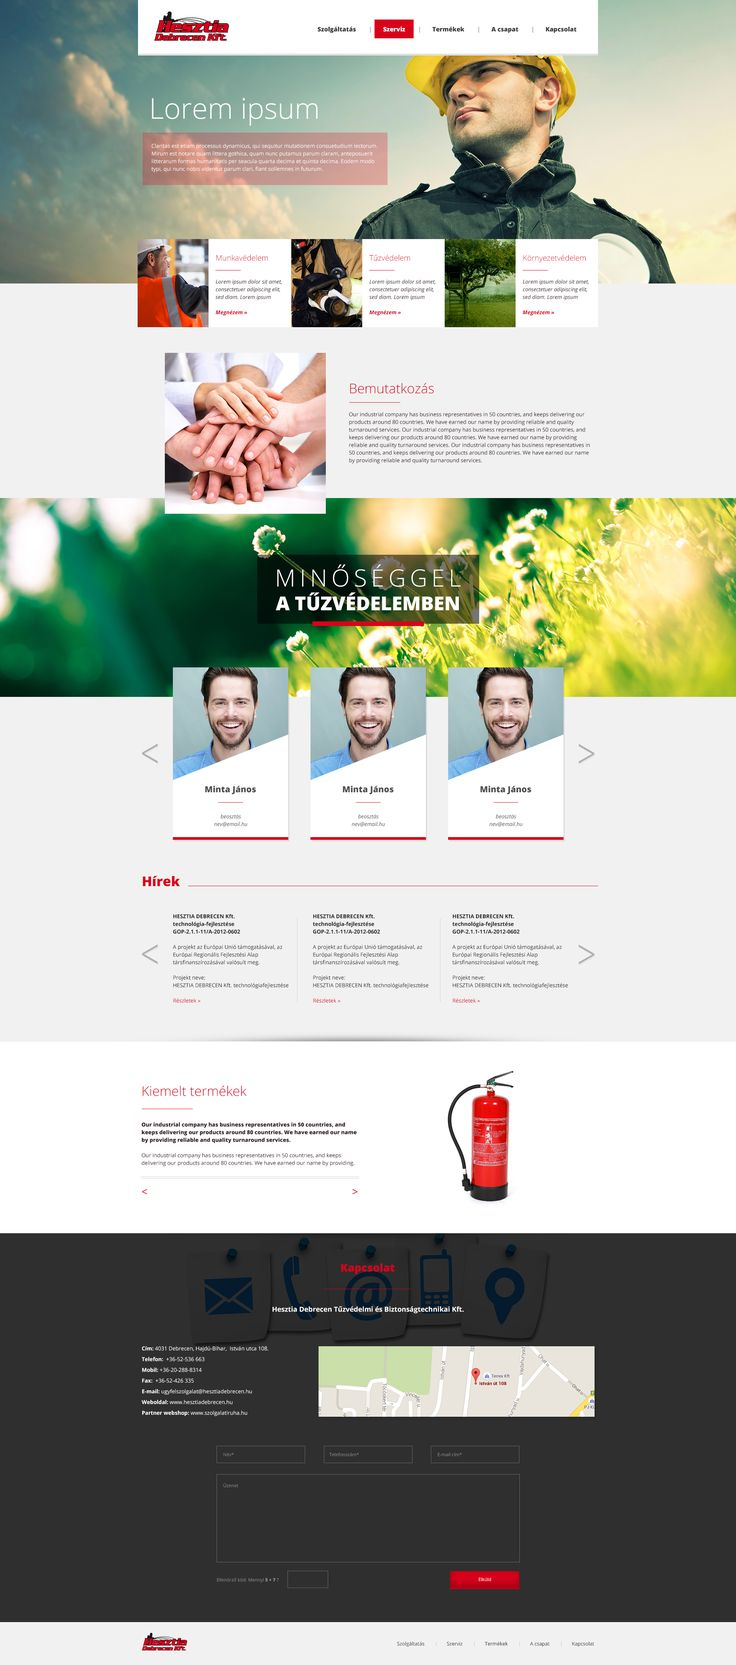 Hesztia-Debrecen webdesign, már fut ;)